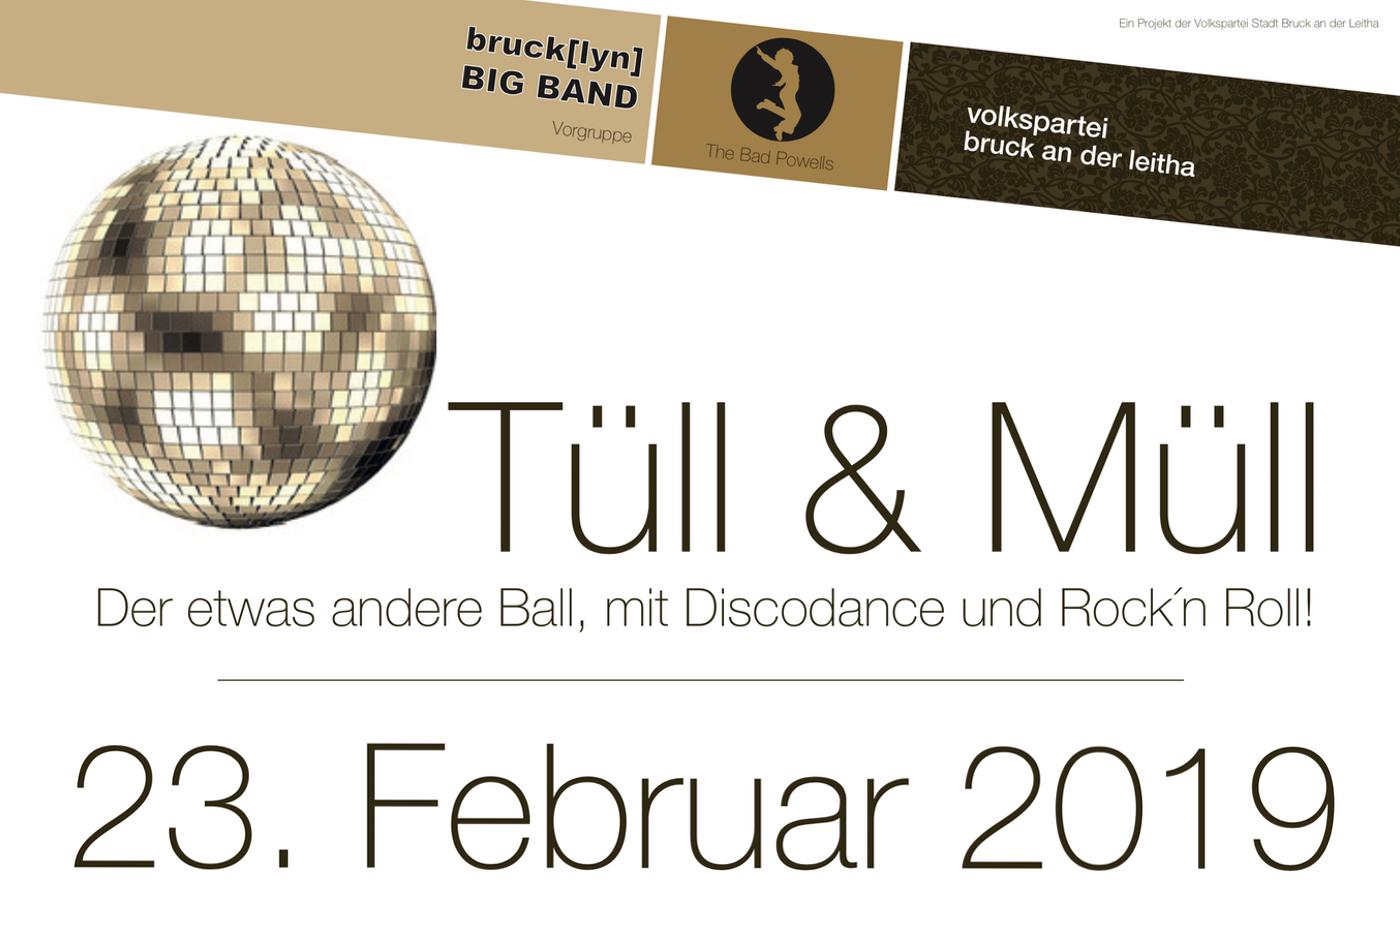 Der etwas andere Ball, mit Discodance und Rock ́n Roll!